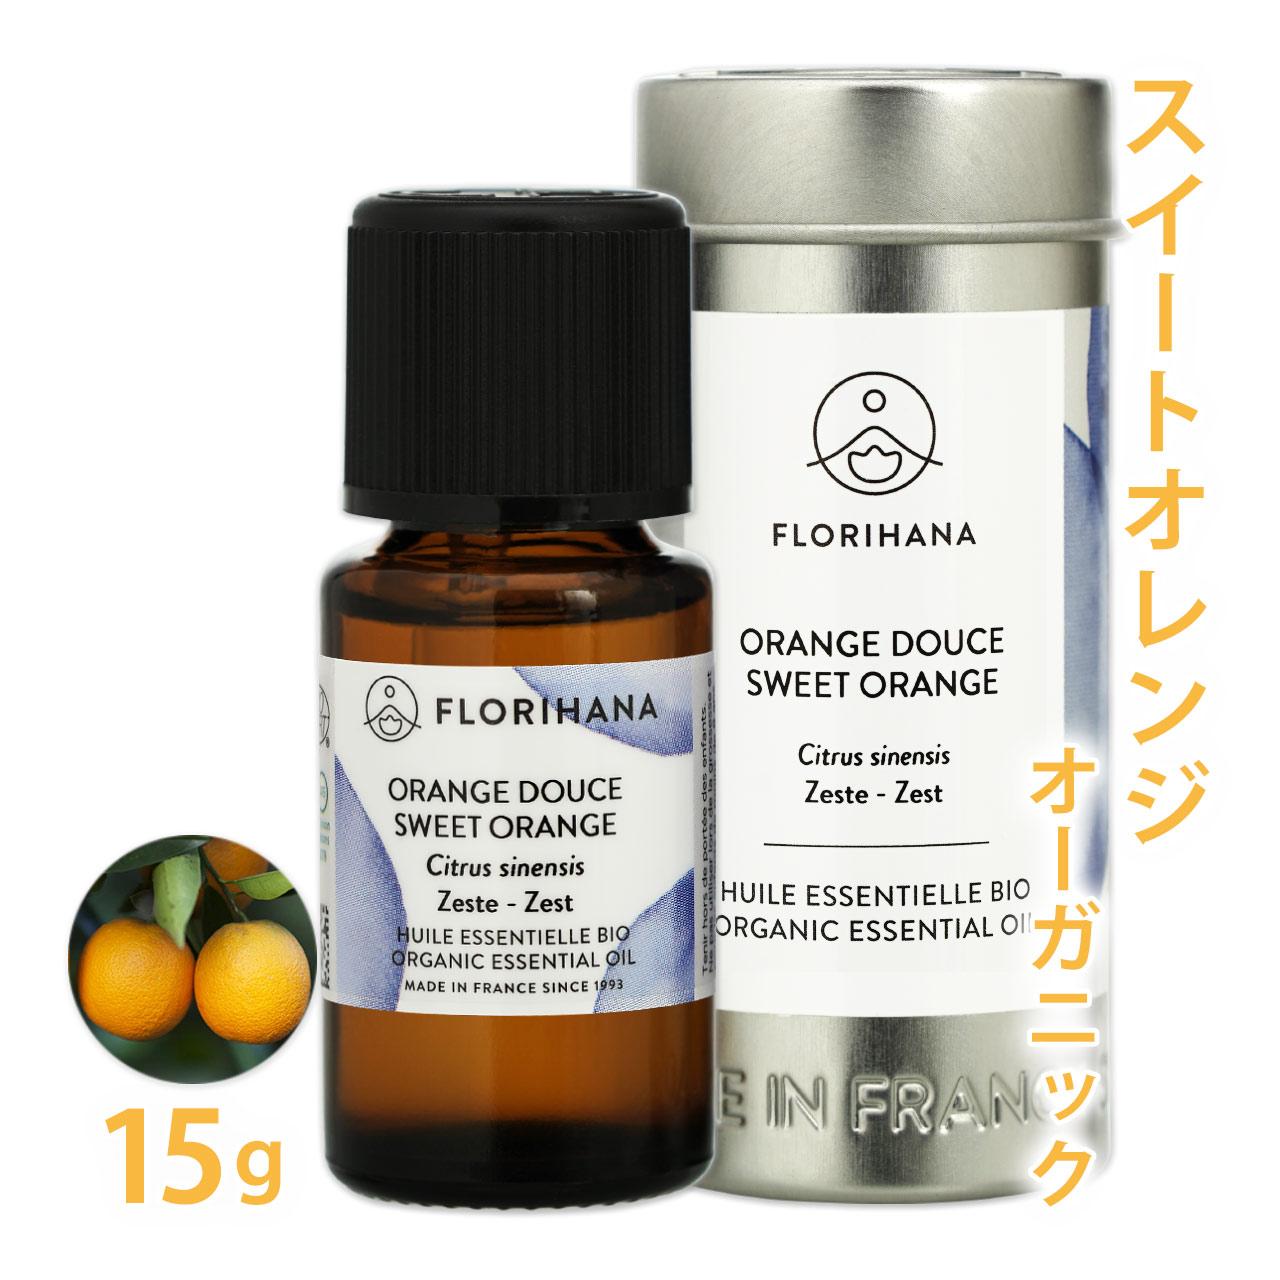 スイートオレンジ オーガニック 15g [オレンジスイート] 【フロリハナ】 【精油/エッセンシャルオイル/アロマオイル/アロマテラピー】【bda】